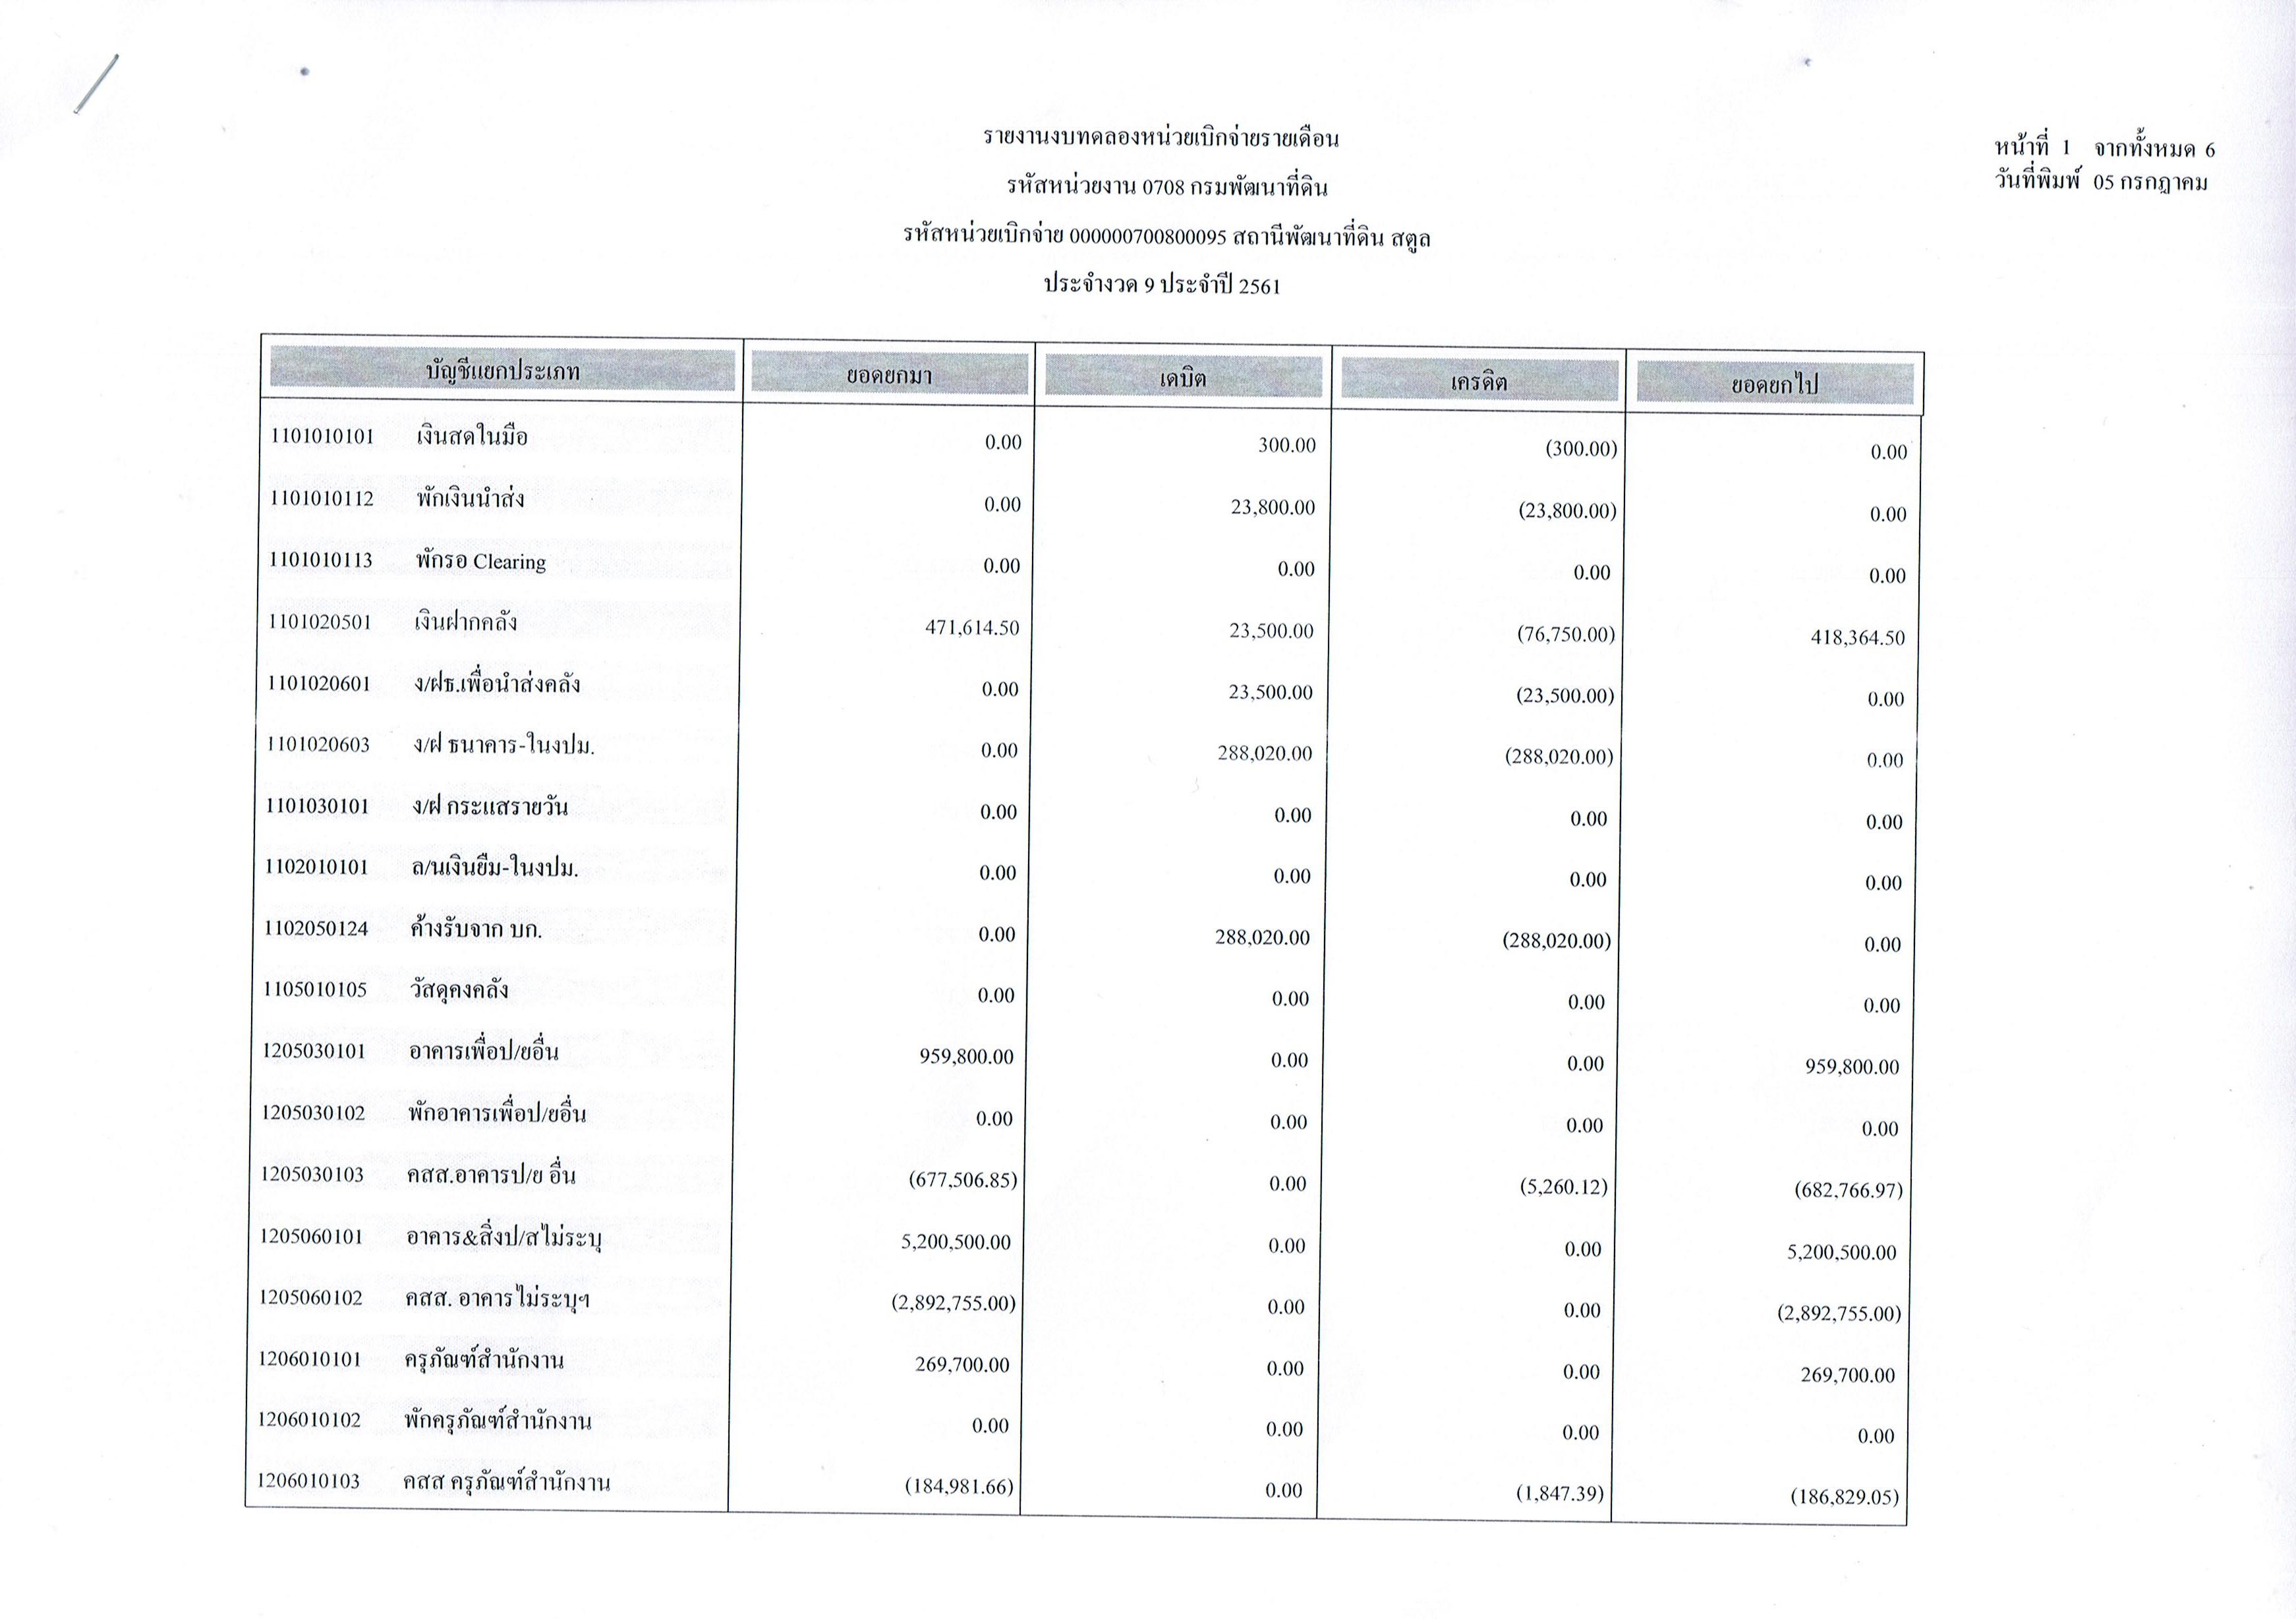 รายงานงบทดลองหน่วยเบิกจ่ายรายเดือนมิถุนายน ประจำงวด 9 ประจำปี 2561 1